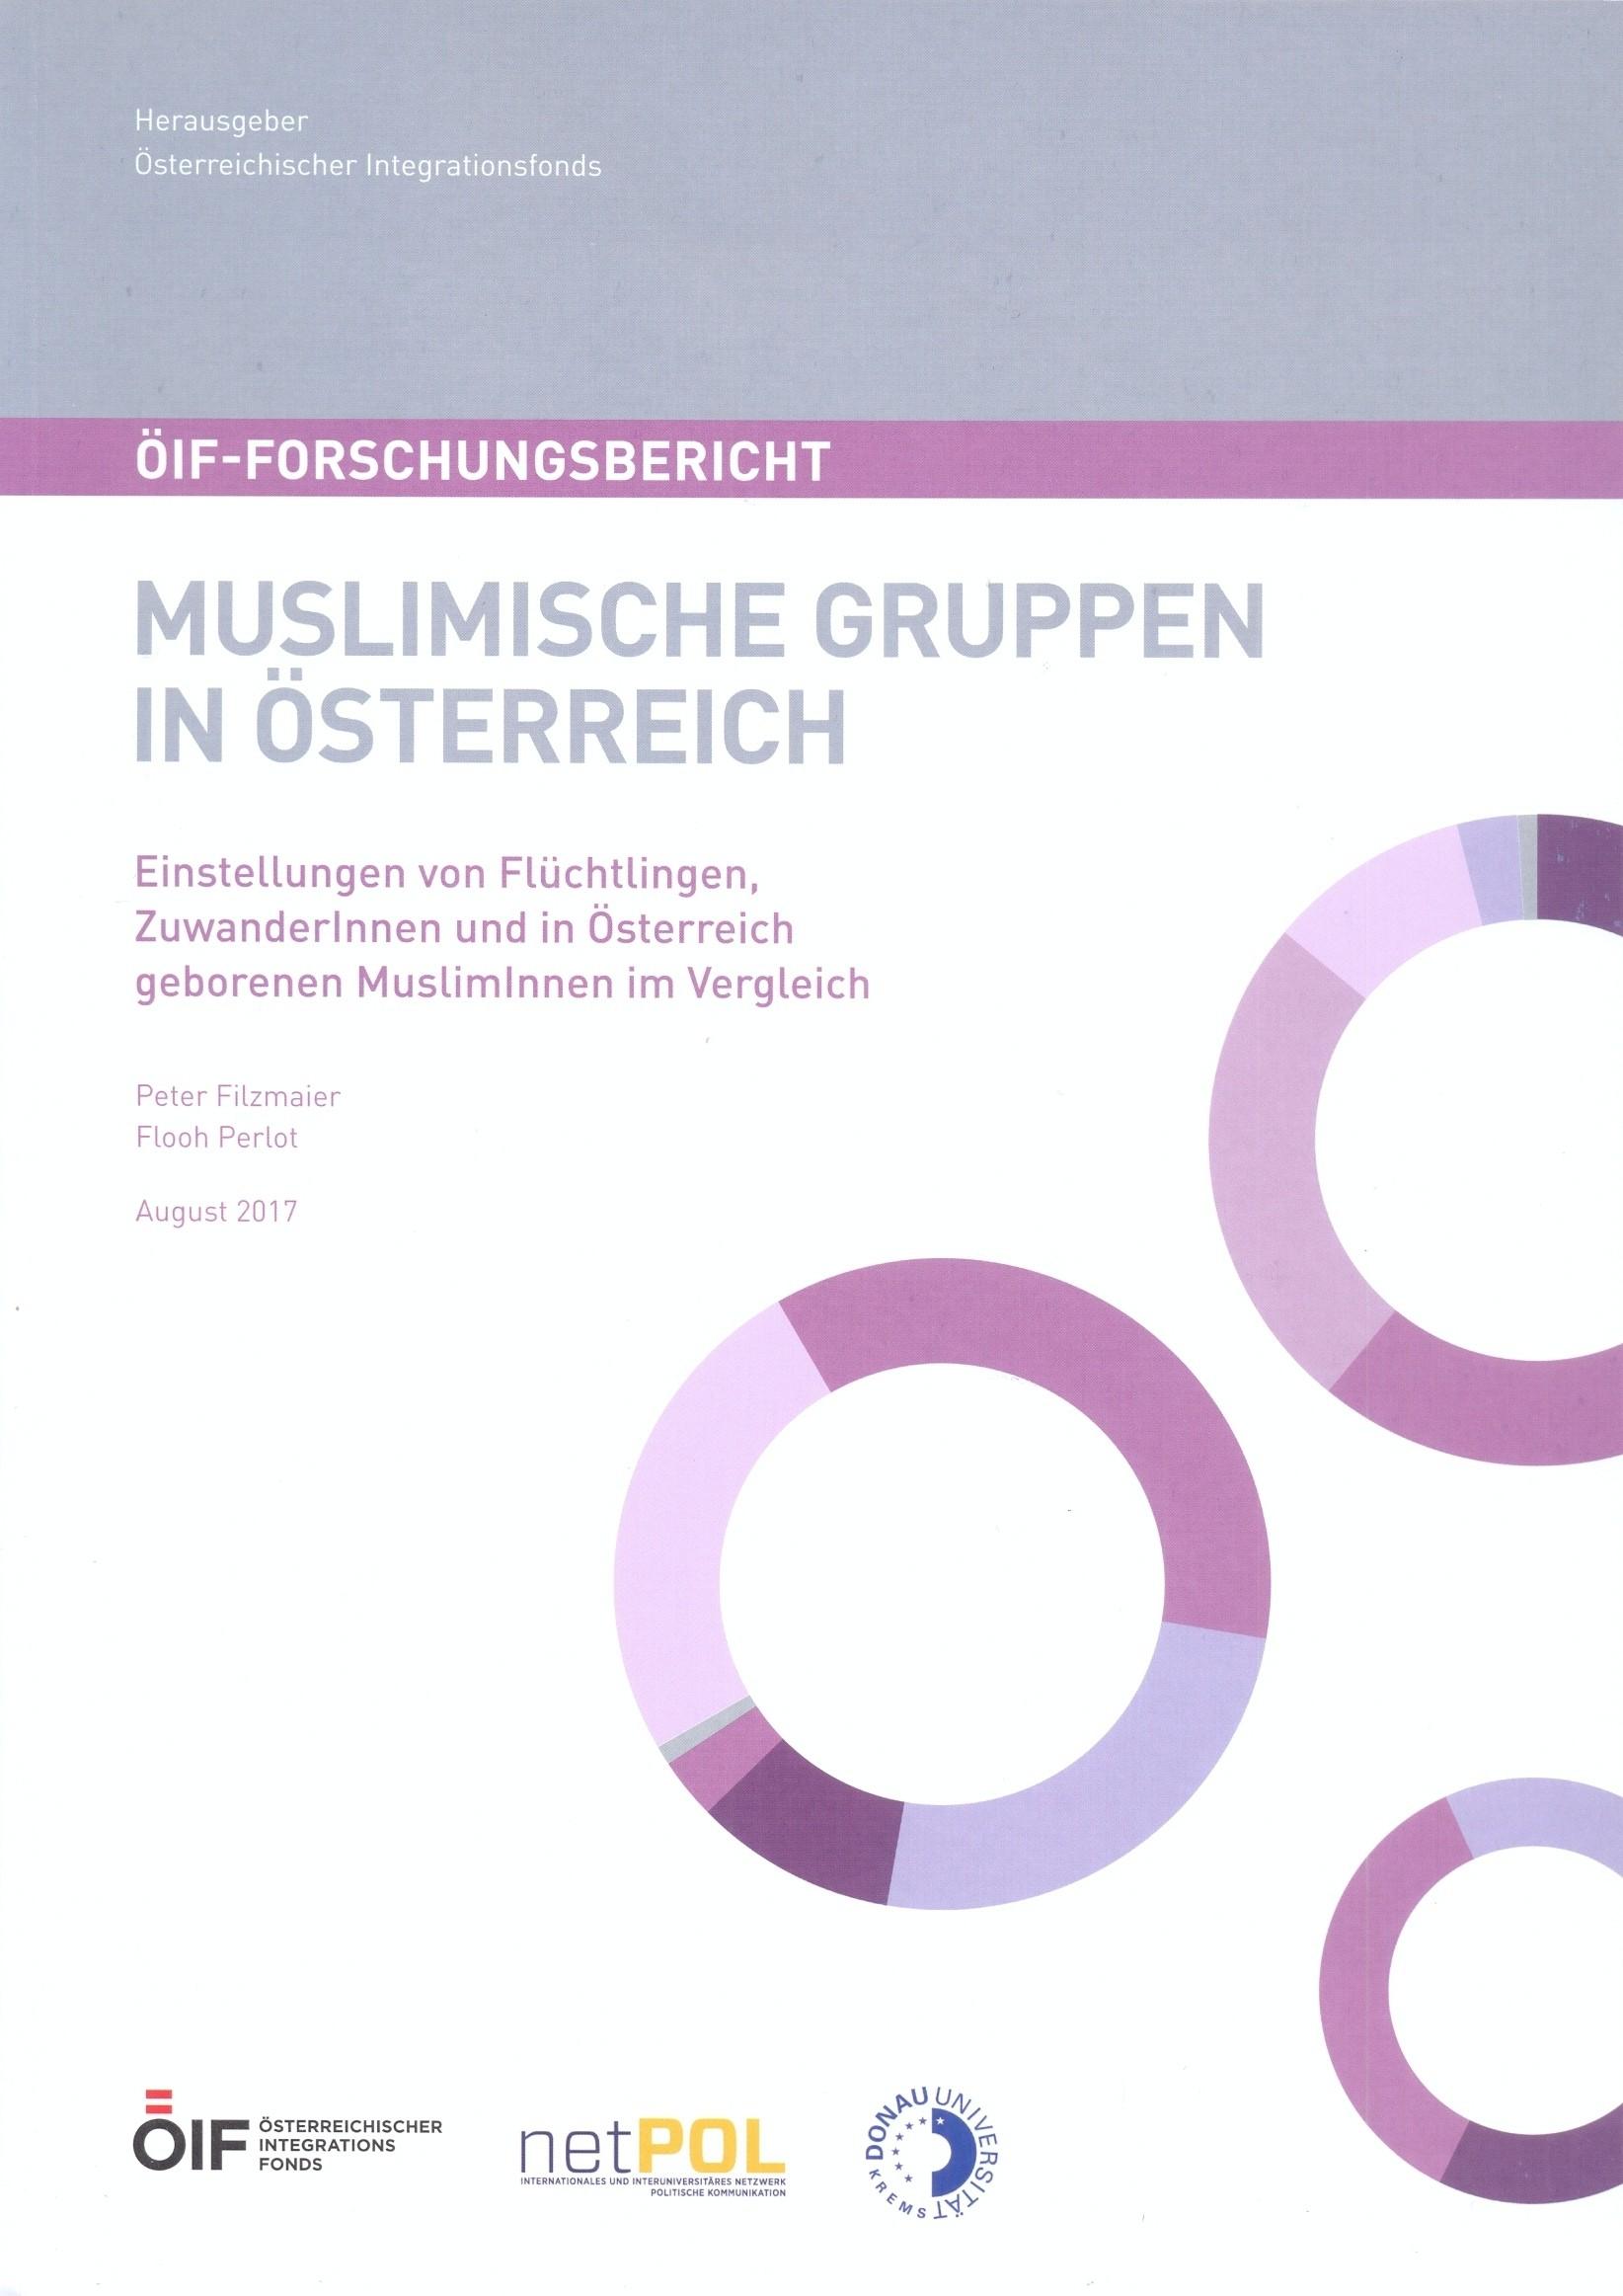 Muslimische Gruppen in Österreich